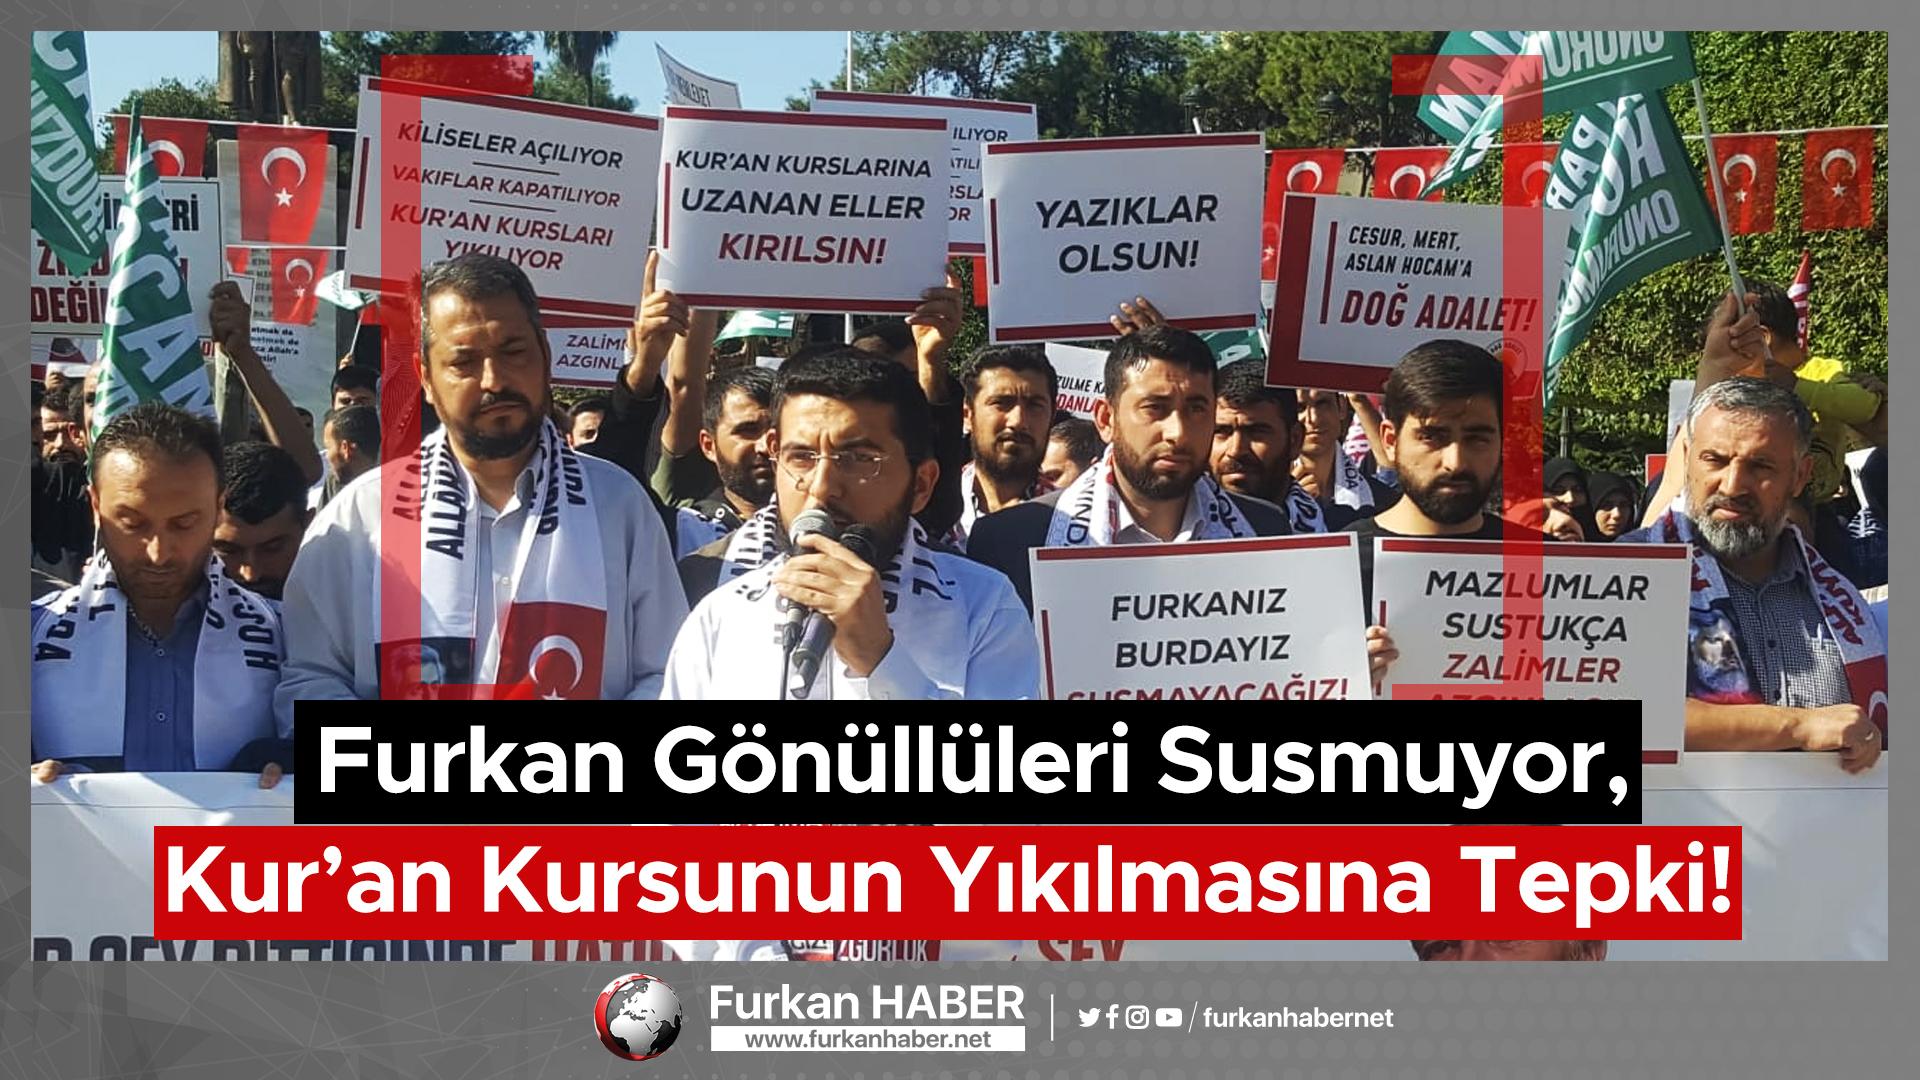 Furkan Gönüllüleri Susmuyor, Kur'an Kursunun Yıkılmasına Tepki!